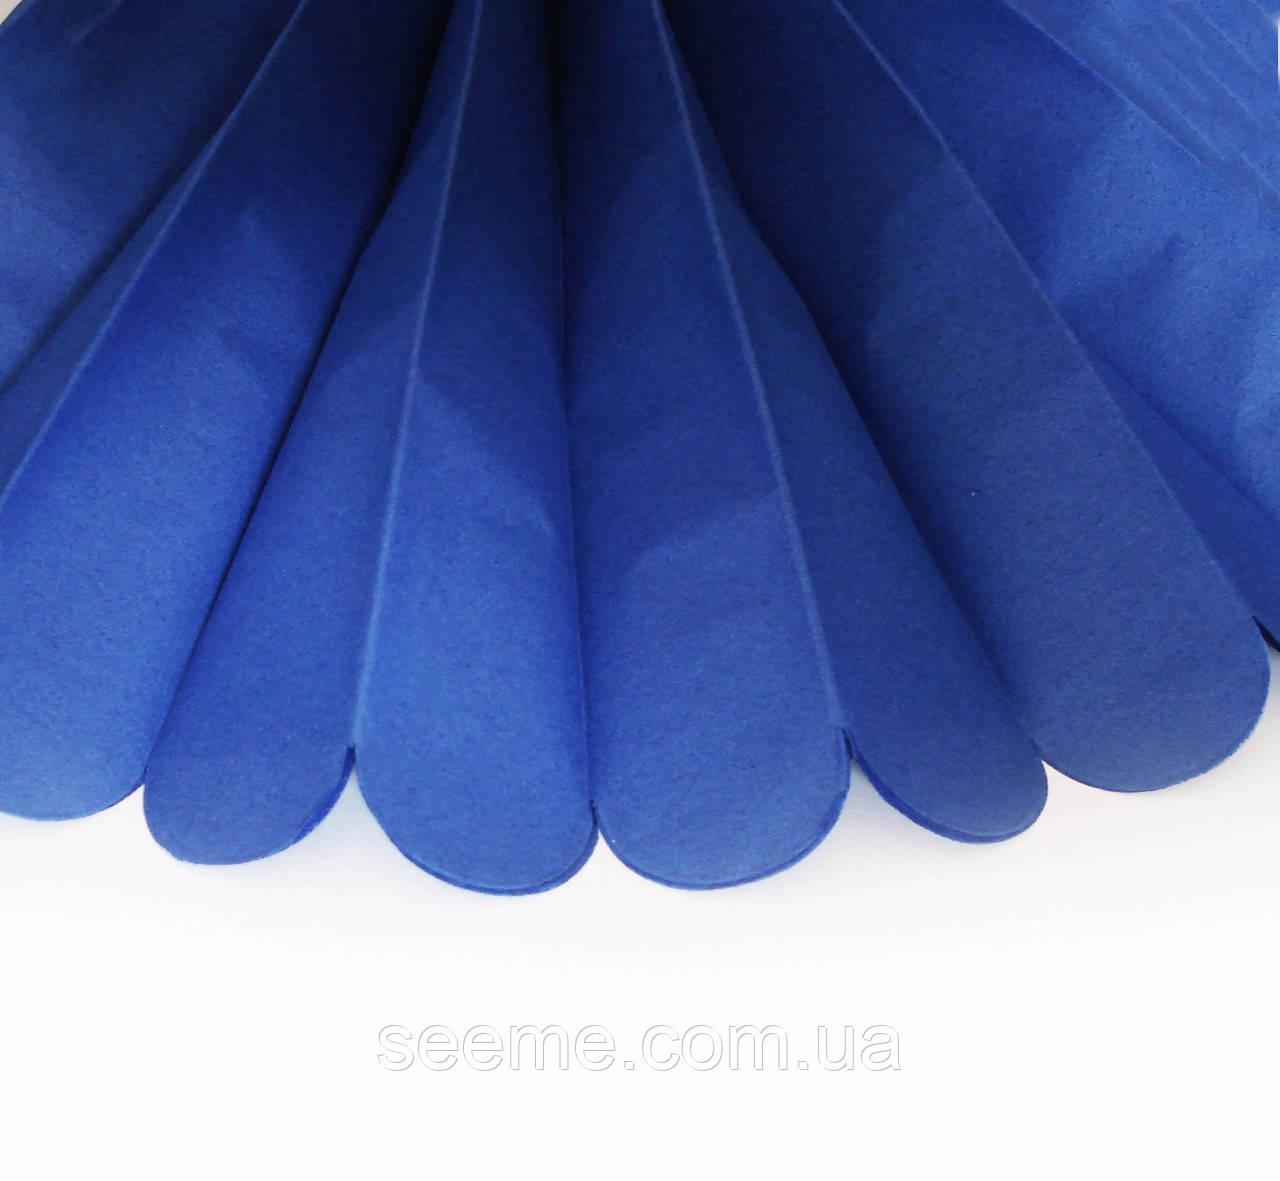 Бумажные помпоны из тишью «Dark Blue», диаметр 25 см